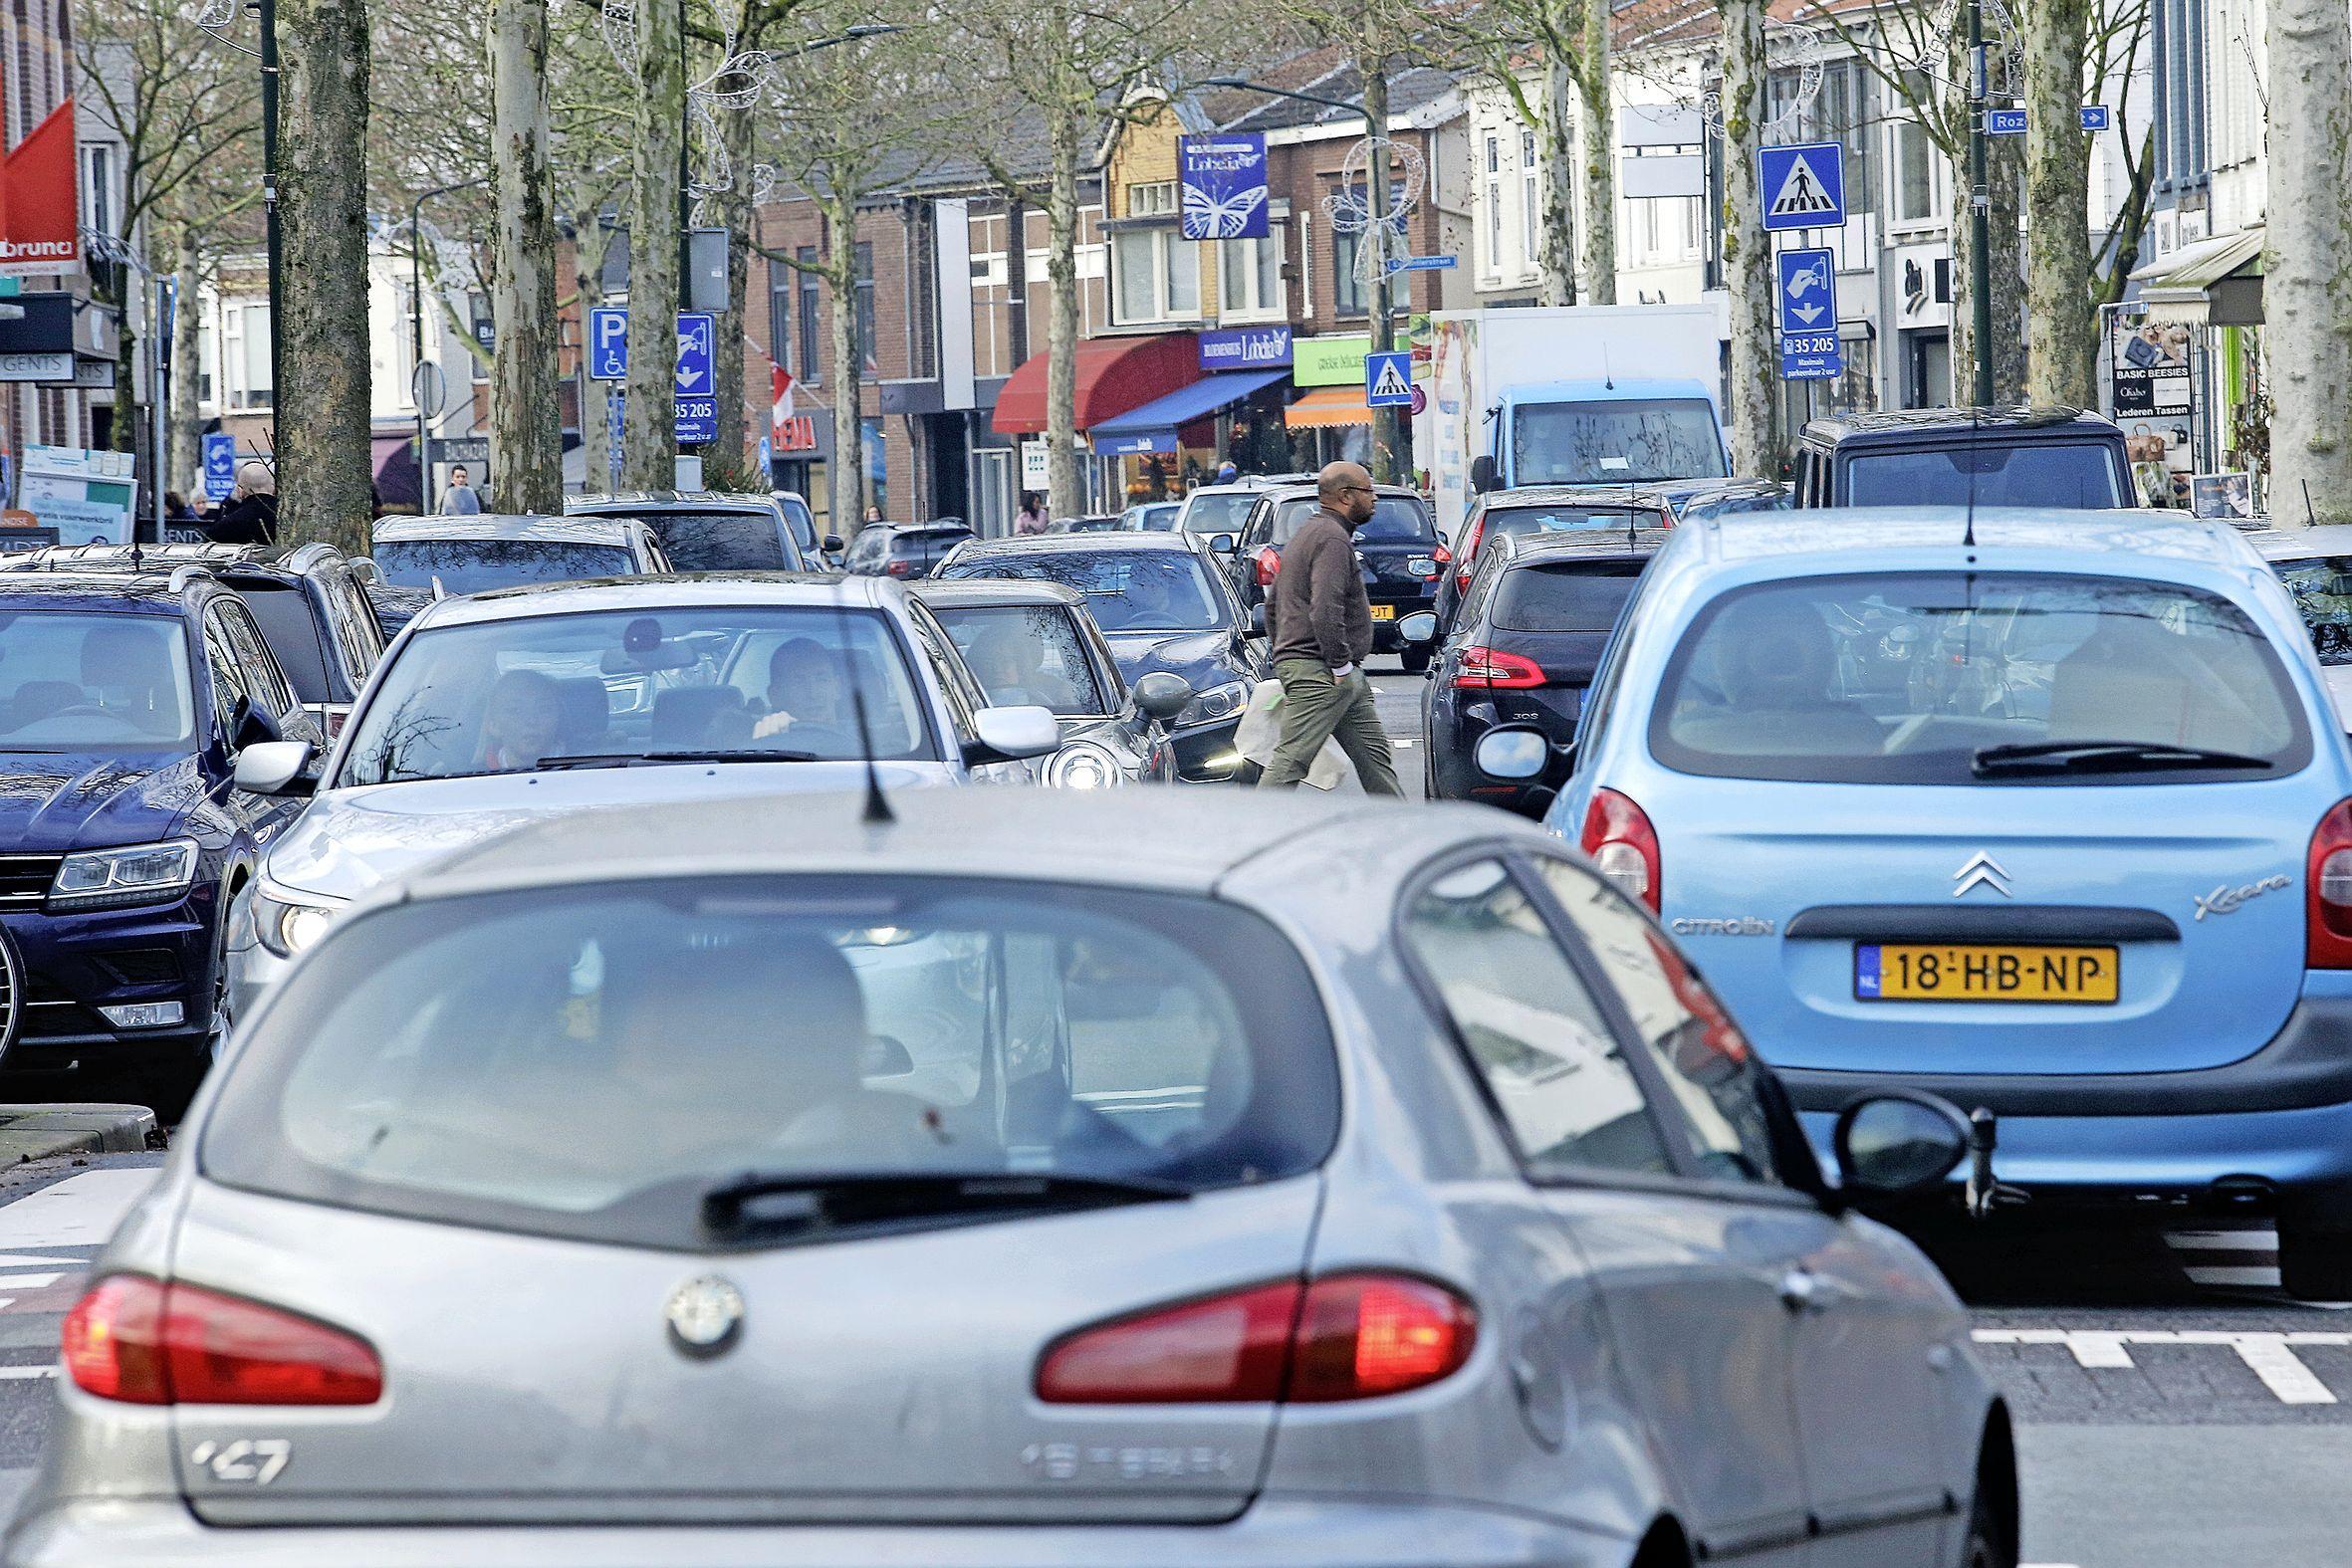 Autoluw maken van Hilversumse winkelstraat De Gijsbrecht zou problemen elders vergroten: 'Er spelen meerdere belangen'